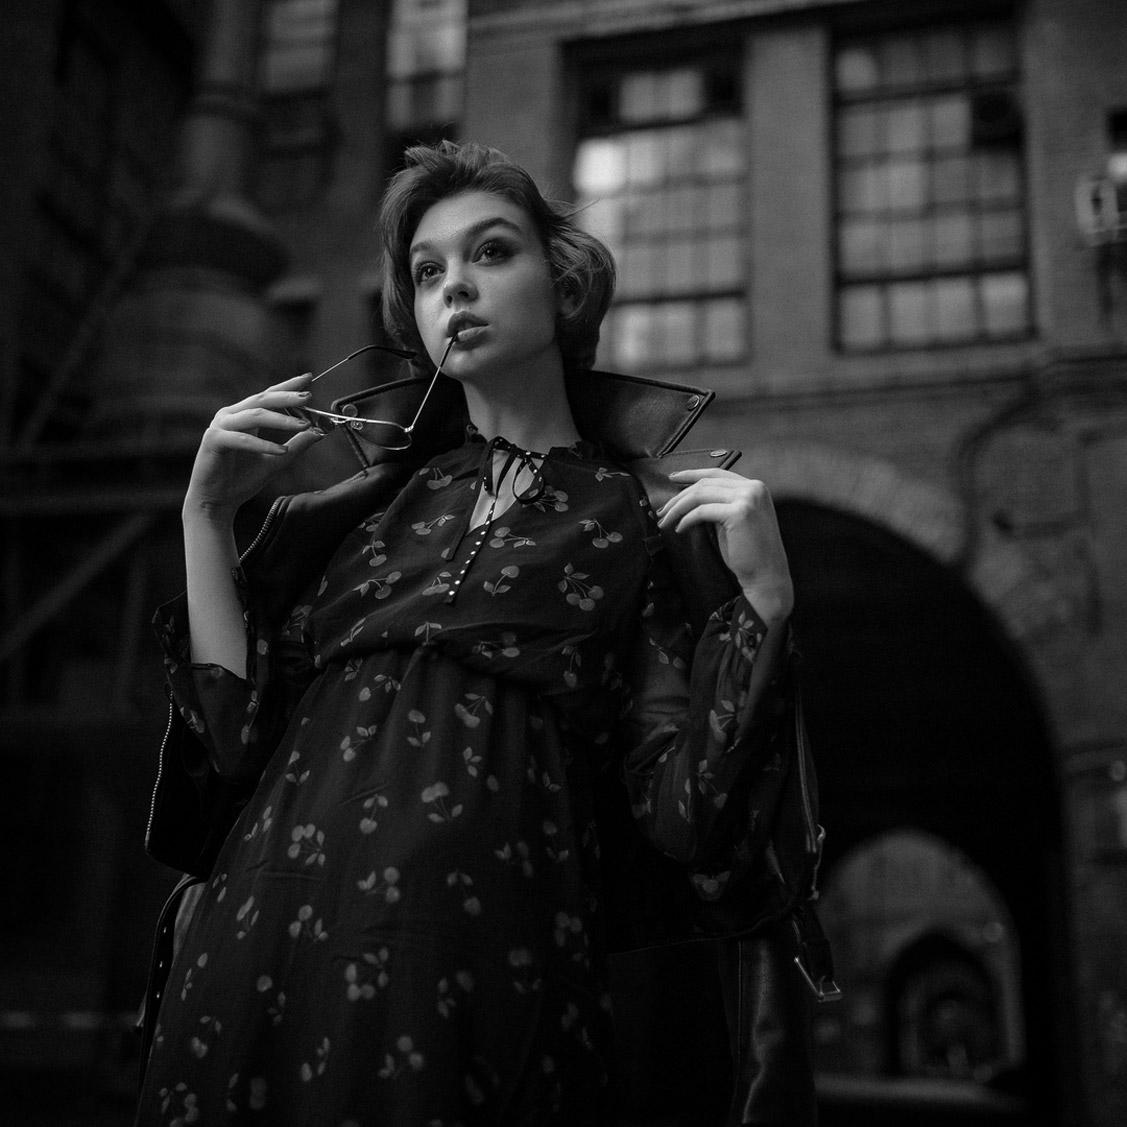 Оля Пушкина, фотограф Георгий Чернядьев / Ola Pushkina by Georgy Chernyadyev